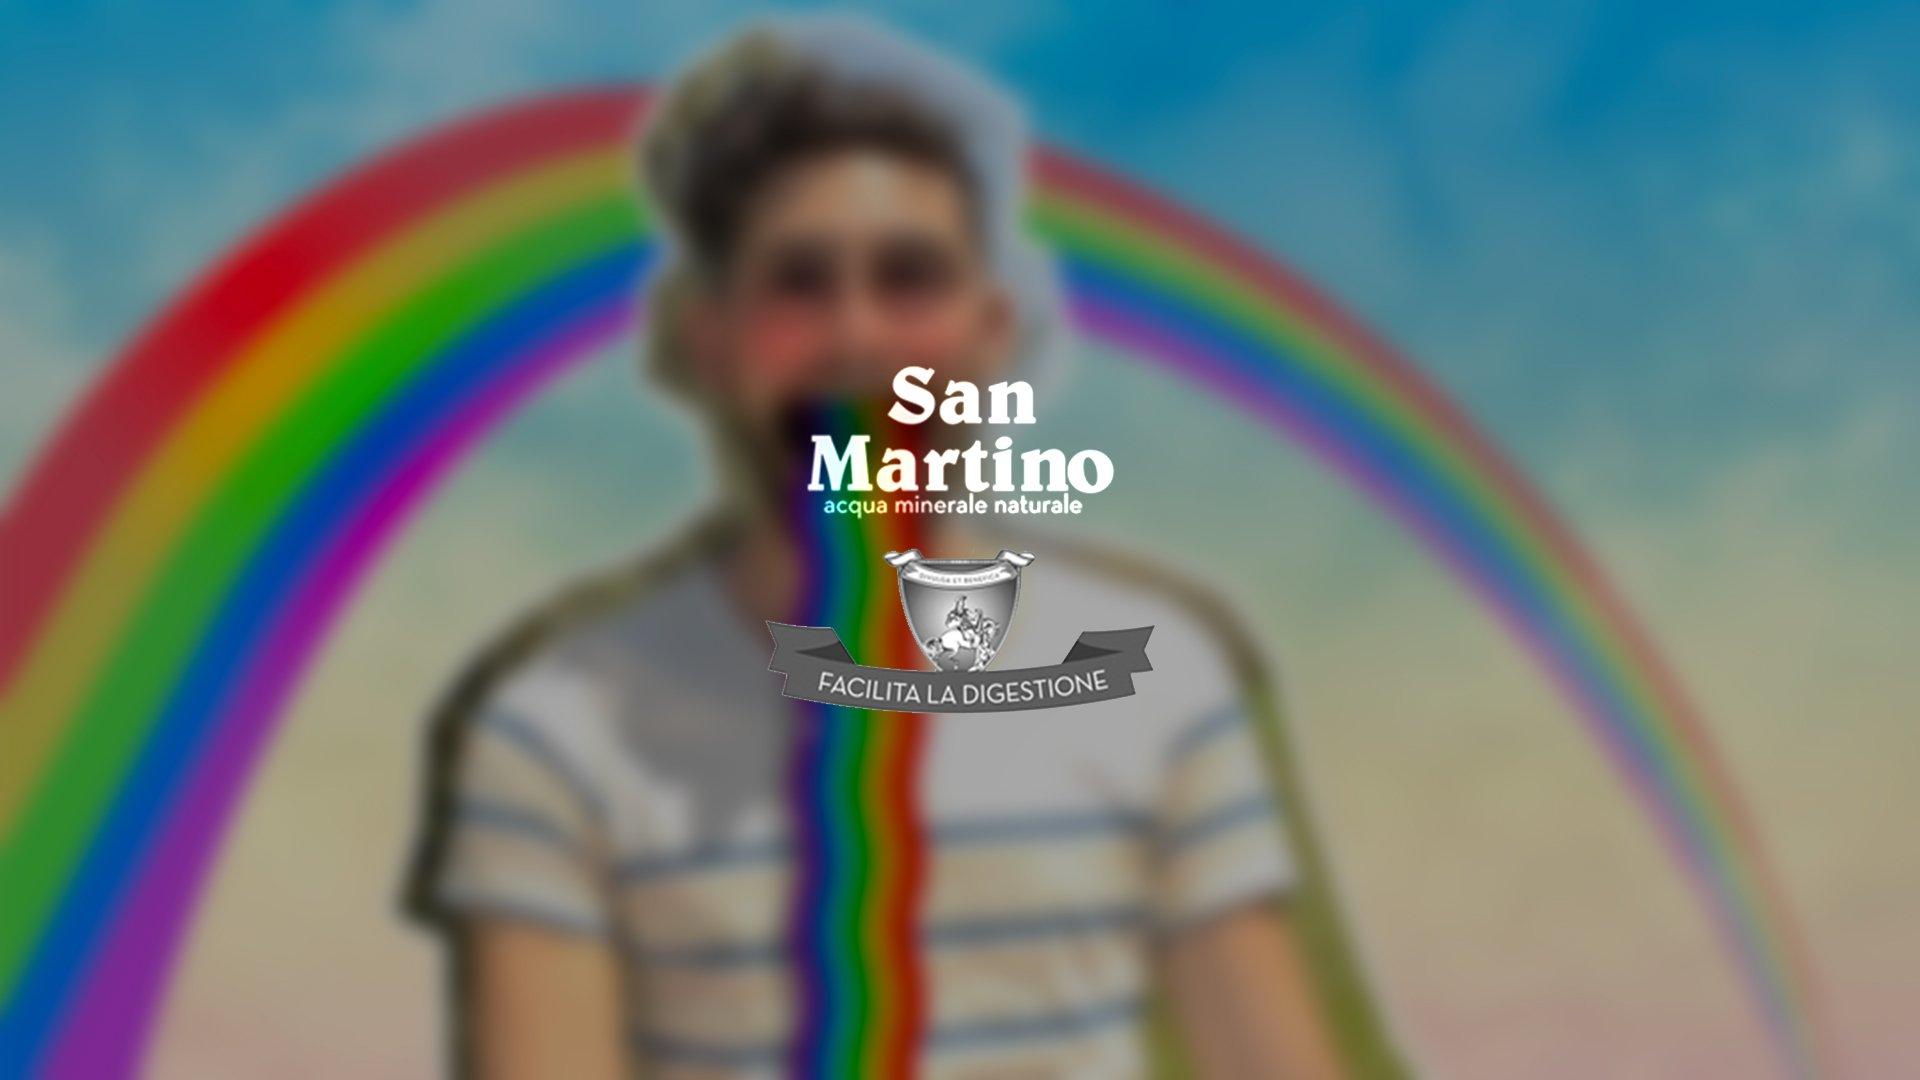 Promo Acqua San Martino